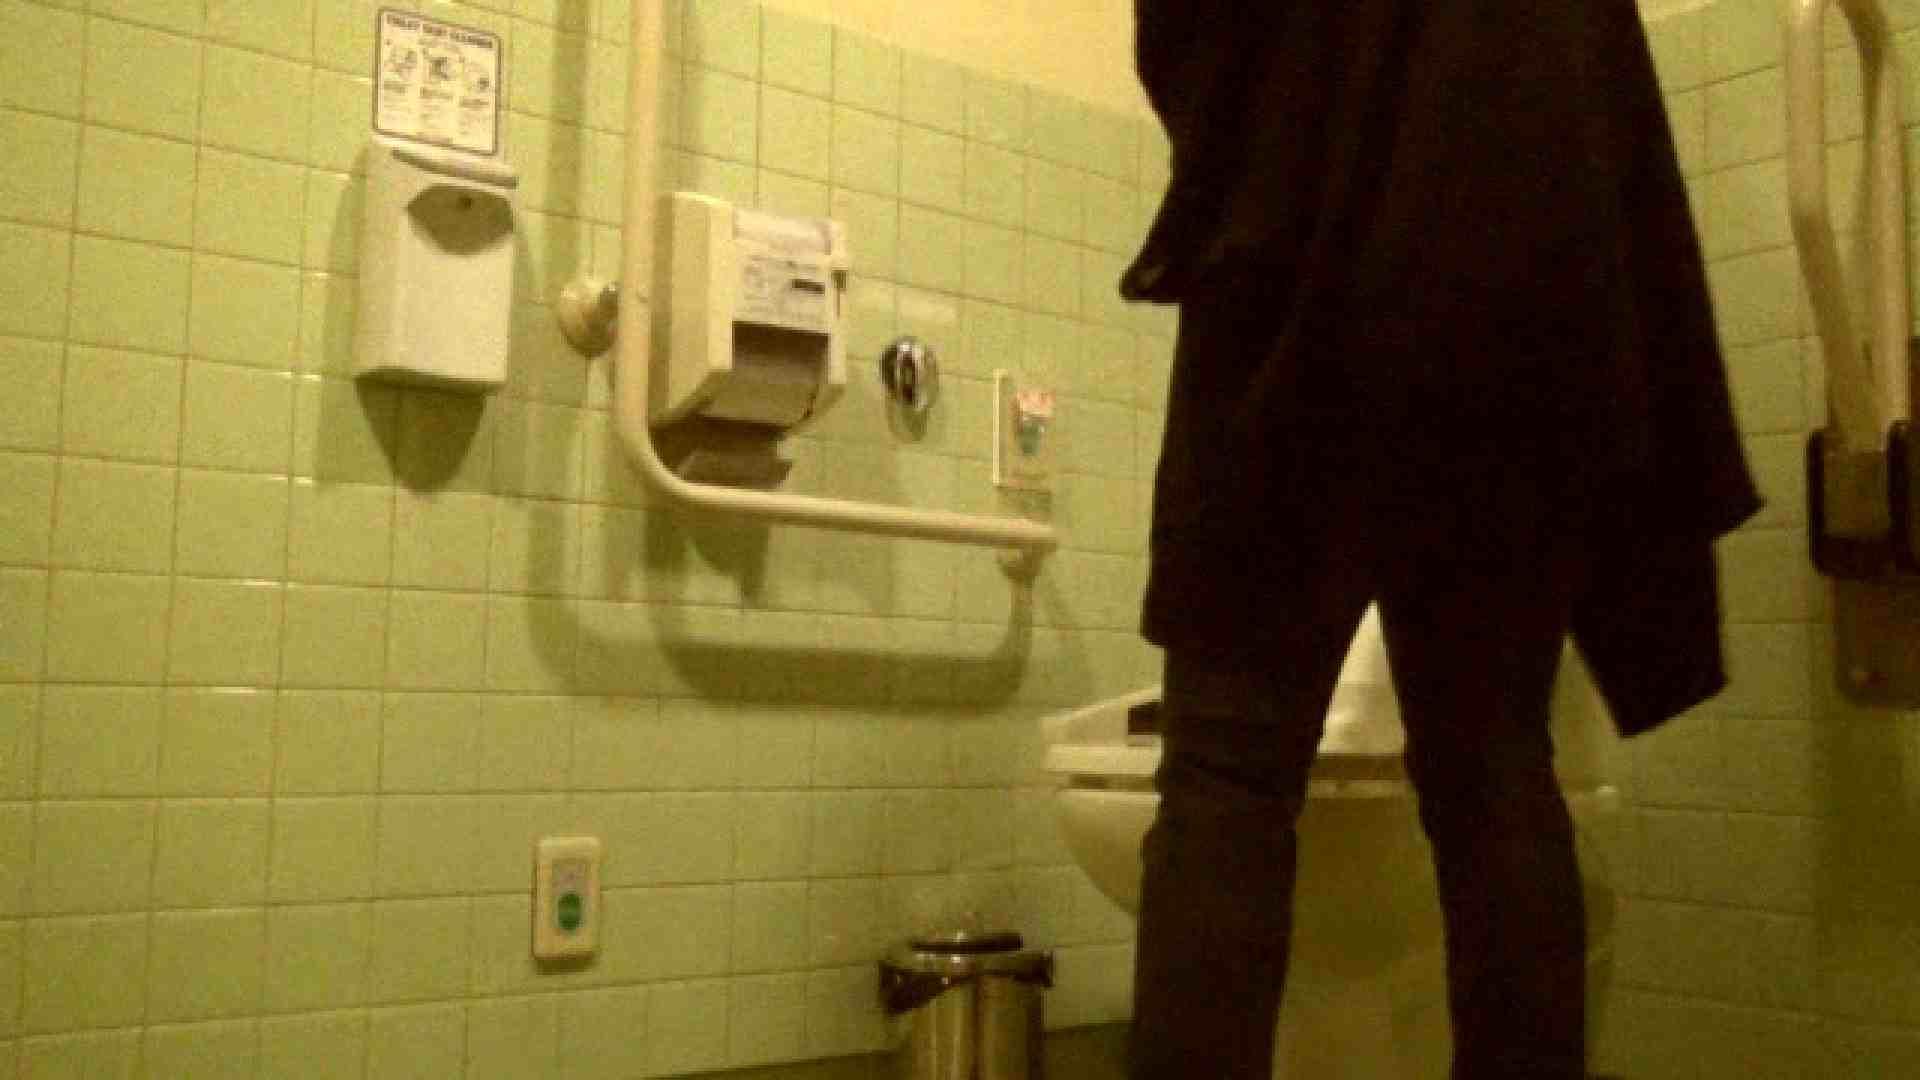 魔術師の お・も・て・な・し vol.26 19歳のバーの店員さんの洗面所をしばし… 洗面所突入 エロ無料画像 73pic 11